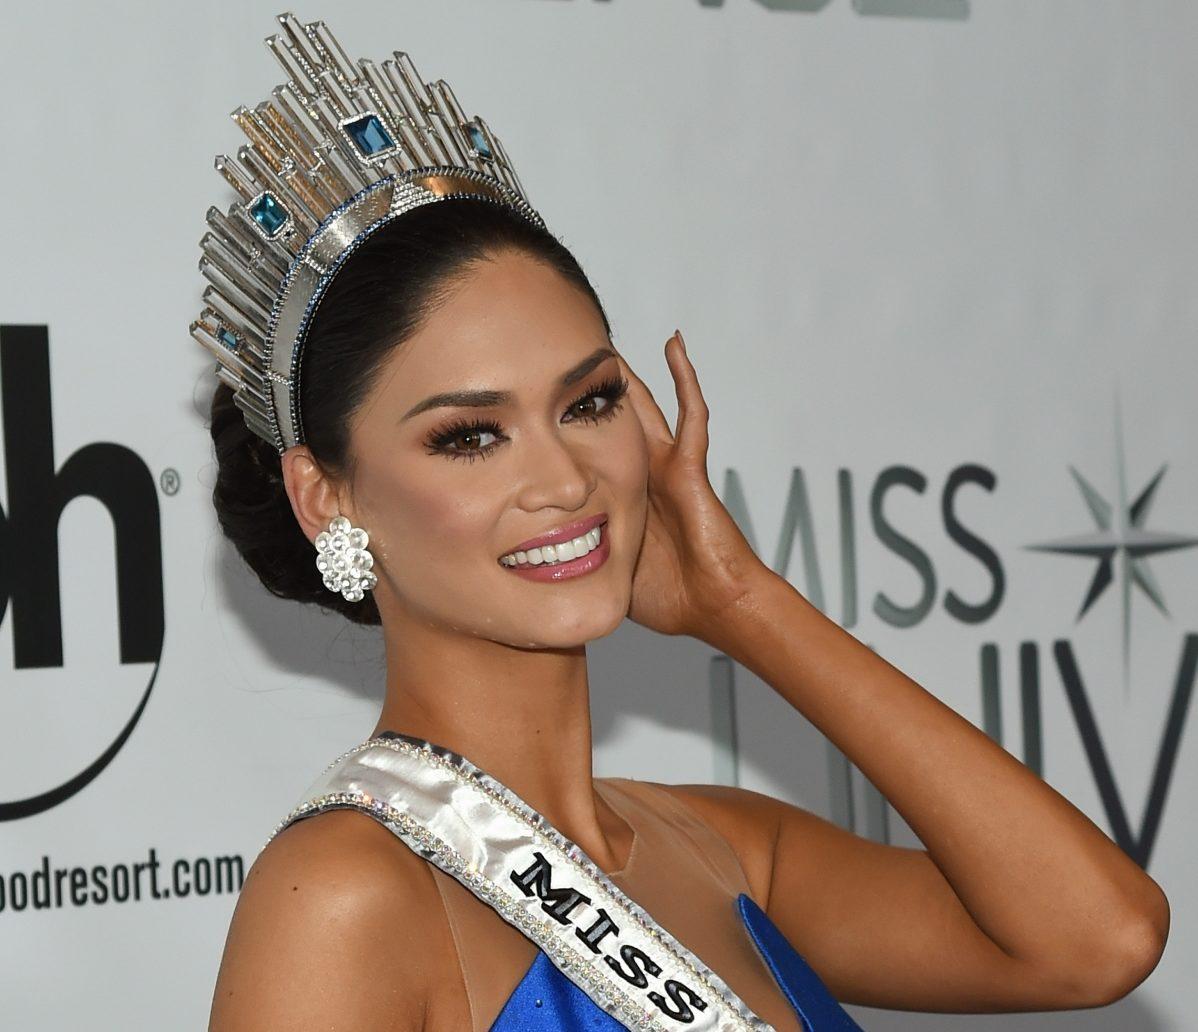 Прошлогодняя Мисс Вселенная Пиа Вурцбах. Фото: ibtimes.co.uk